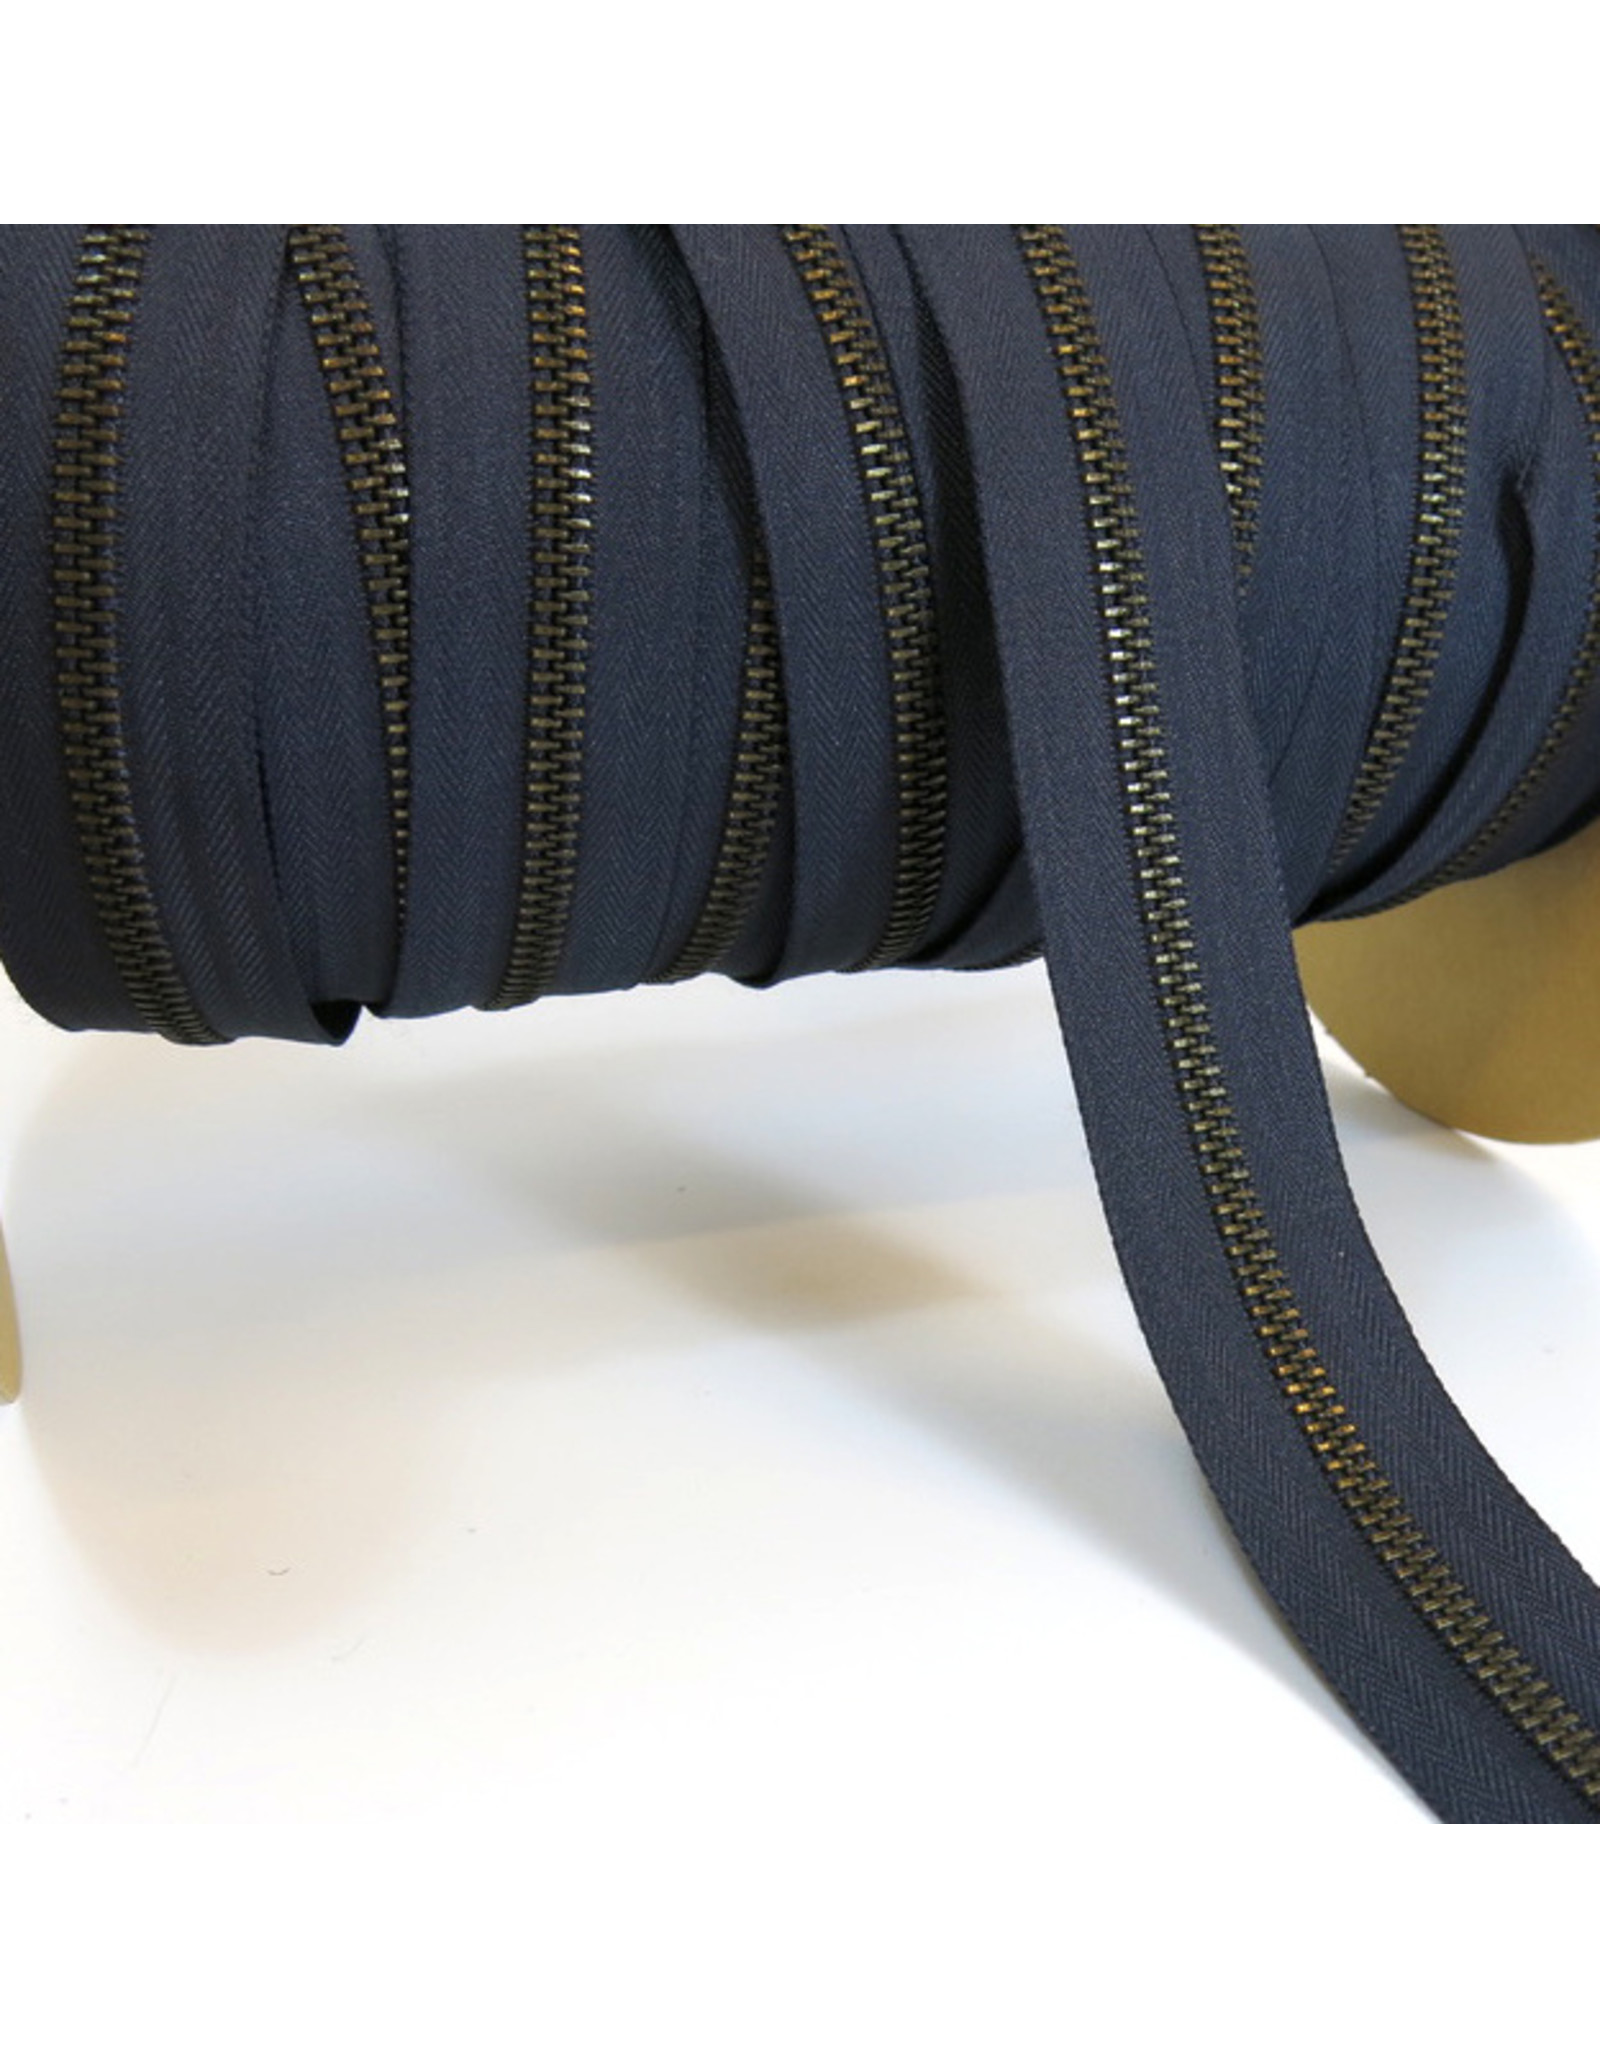 Zipper antique brass MARINE BLUE